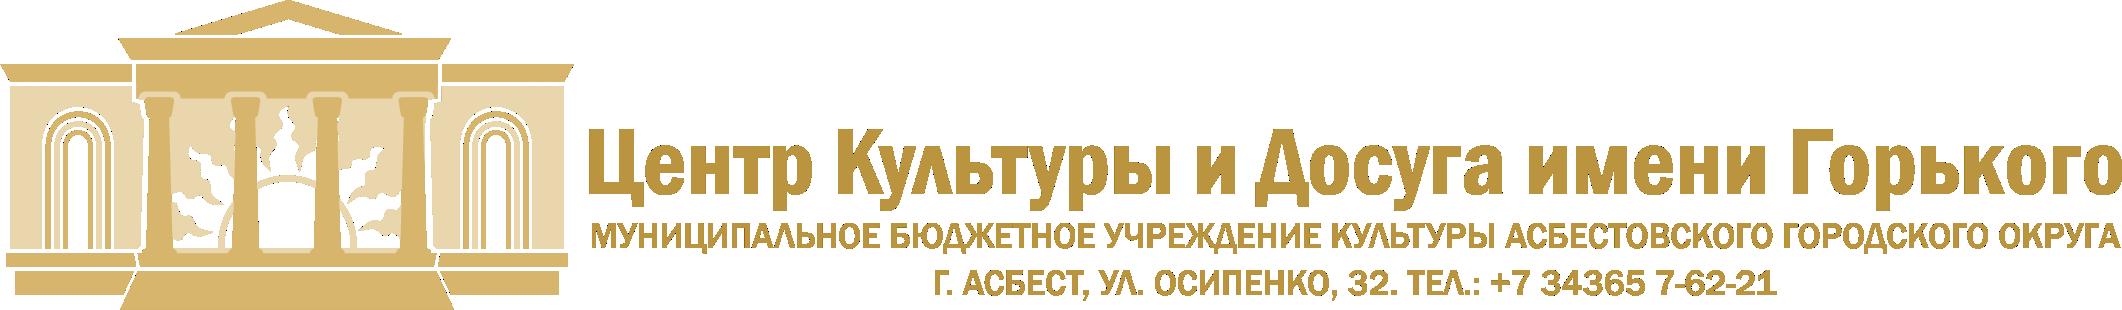 Дворец культуры г. Асбест